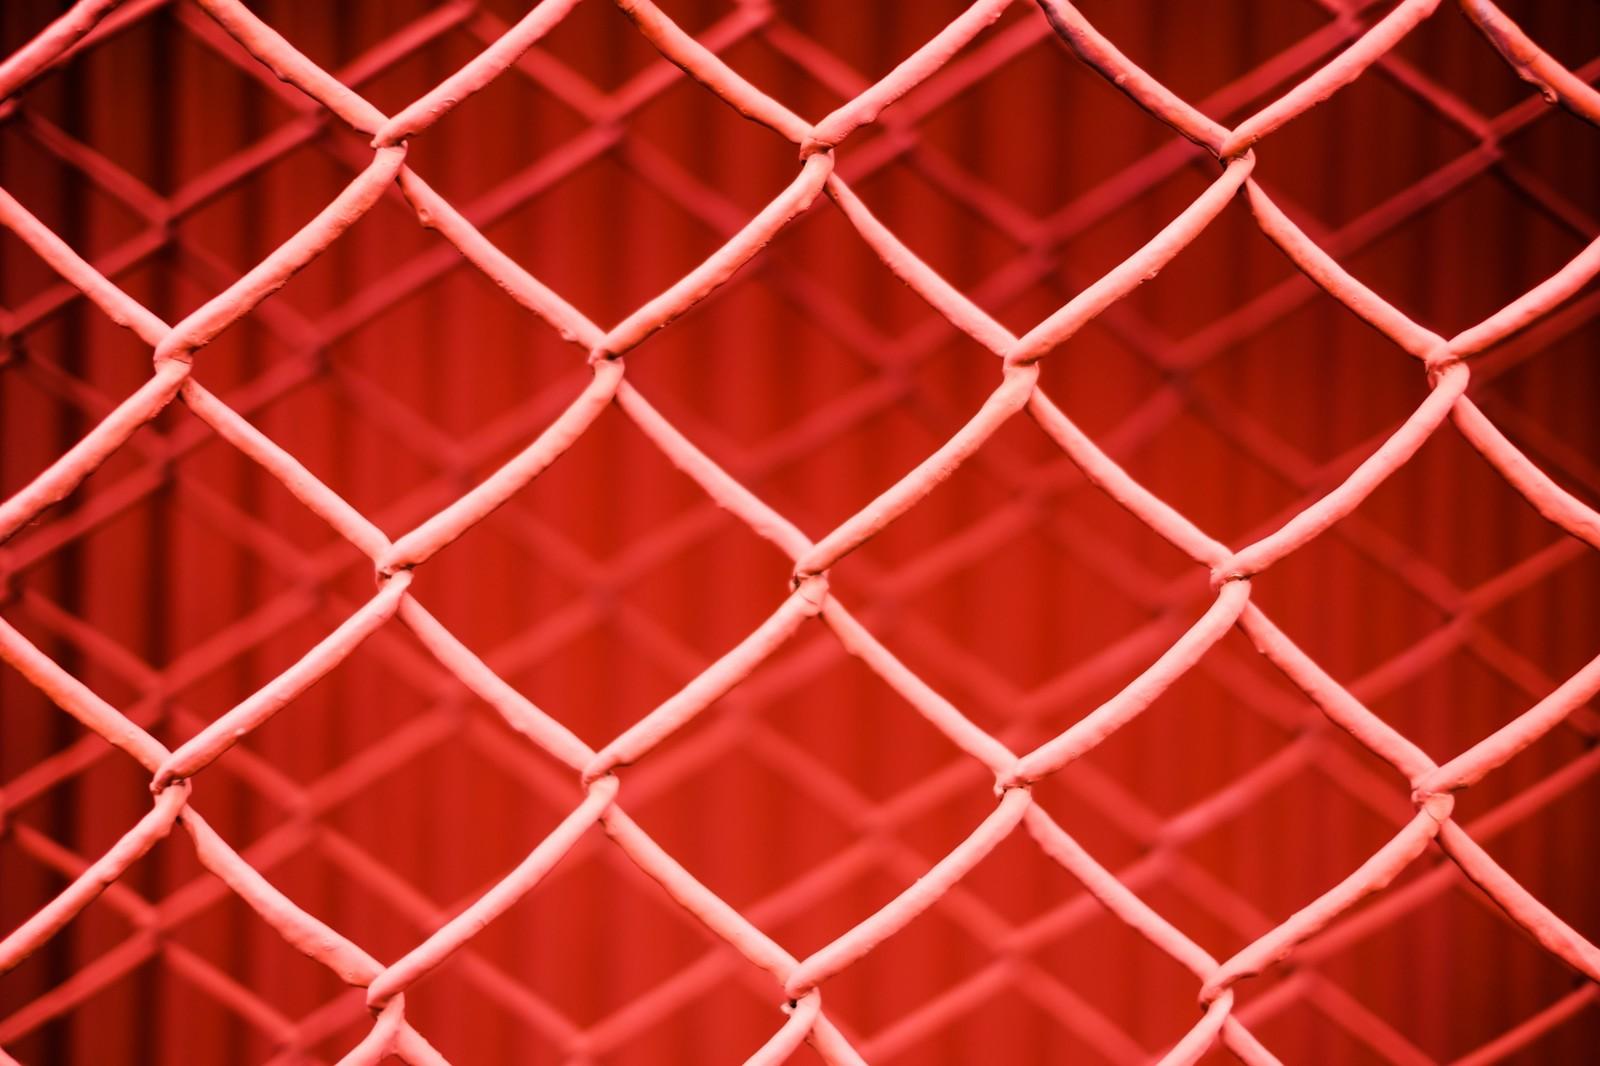 コウモリの侵入経路を金網やネットなどで塞ぐ